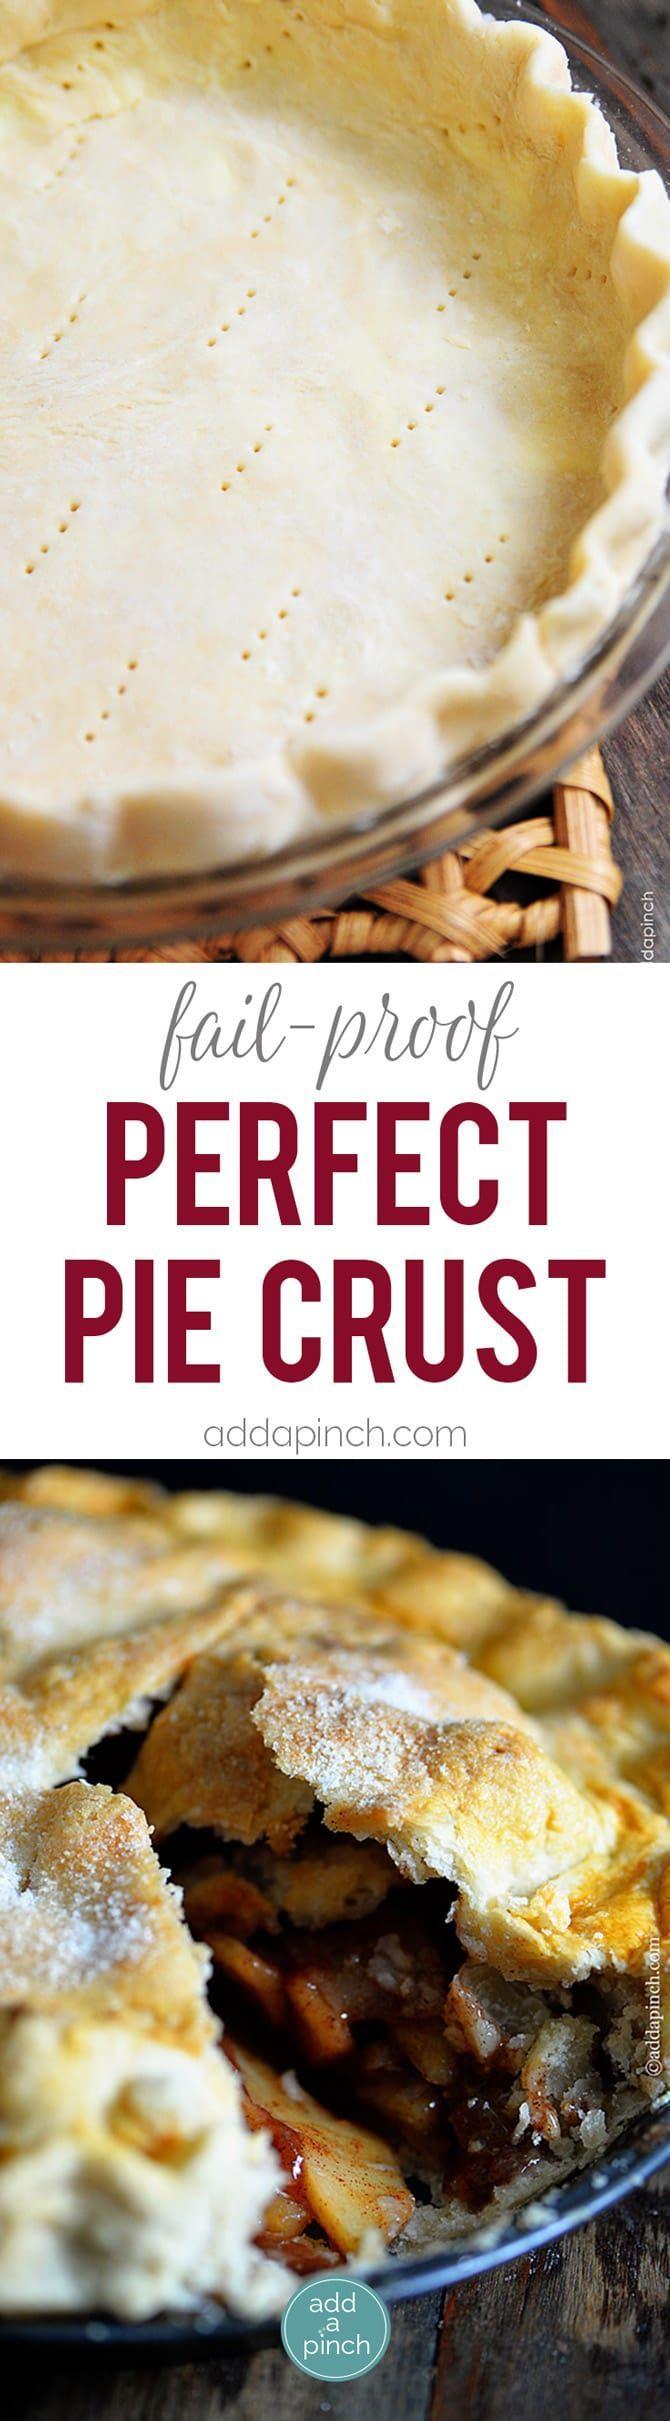 Una receta de pastel de costra que funciona perfectamente para pasteles dulces y salados.  Esta receta de la masa para pastel se hace a mano y hace una corteza de pastel perfecto cada vez!  // addapinch.com